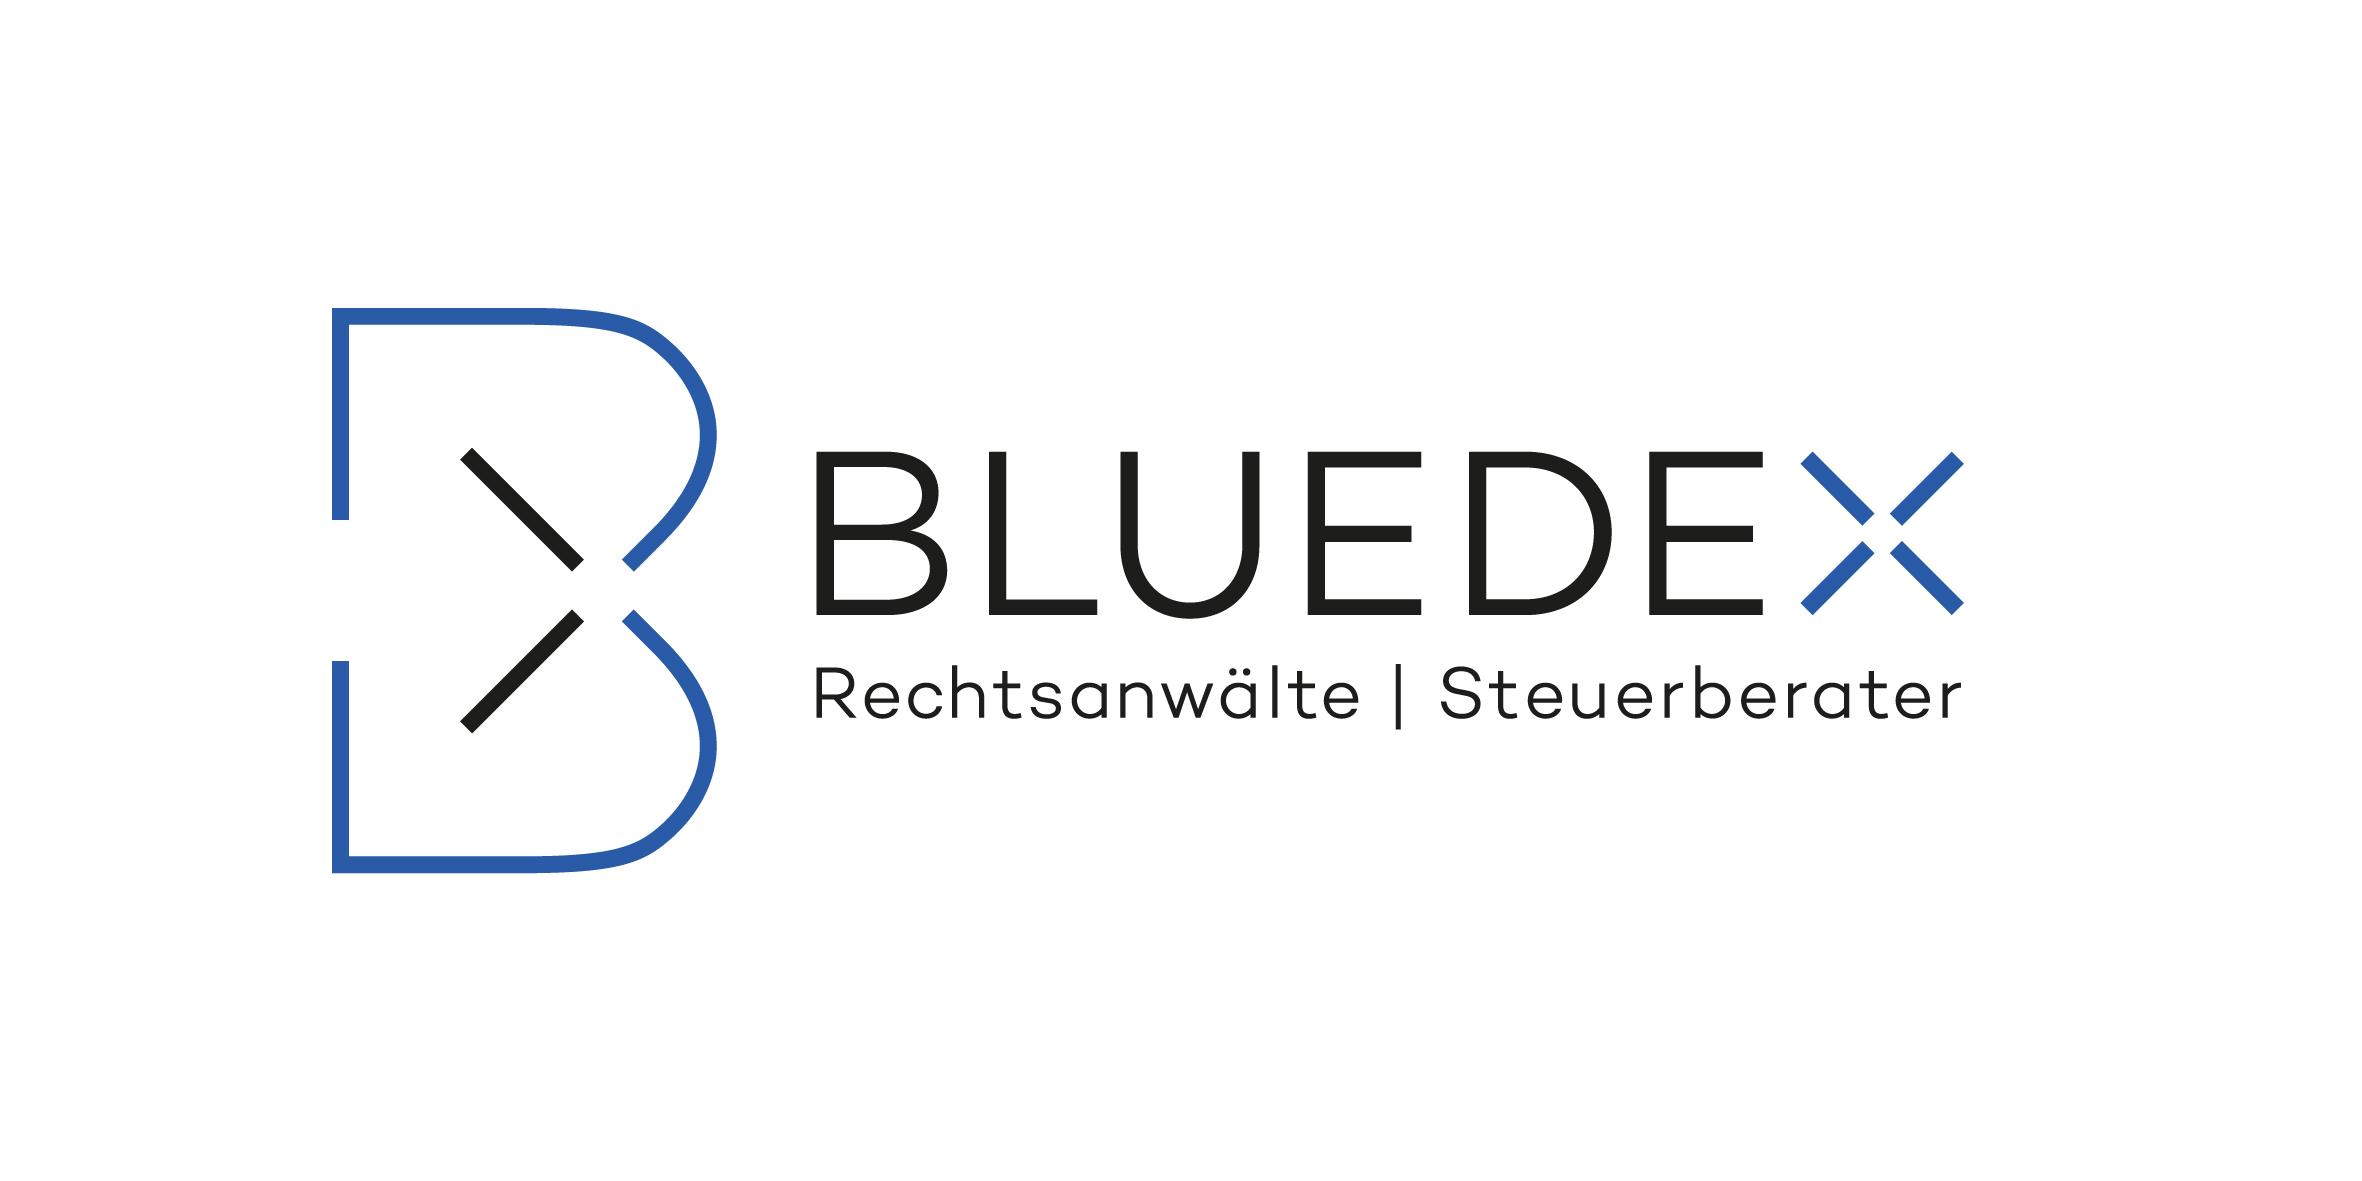 BLUEDEX | PartG mbB Rechtsanwälte Steuerberater